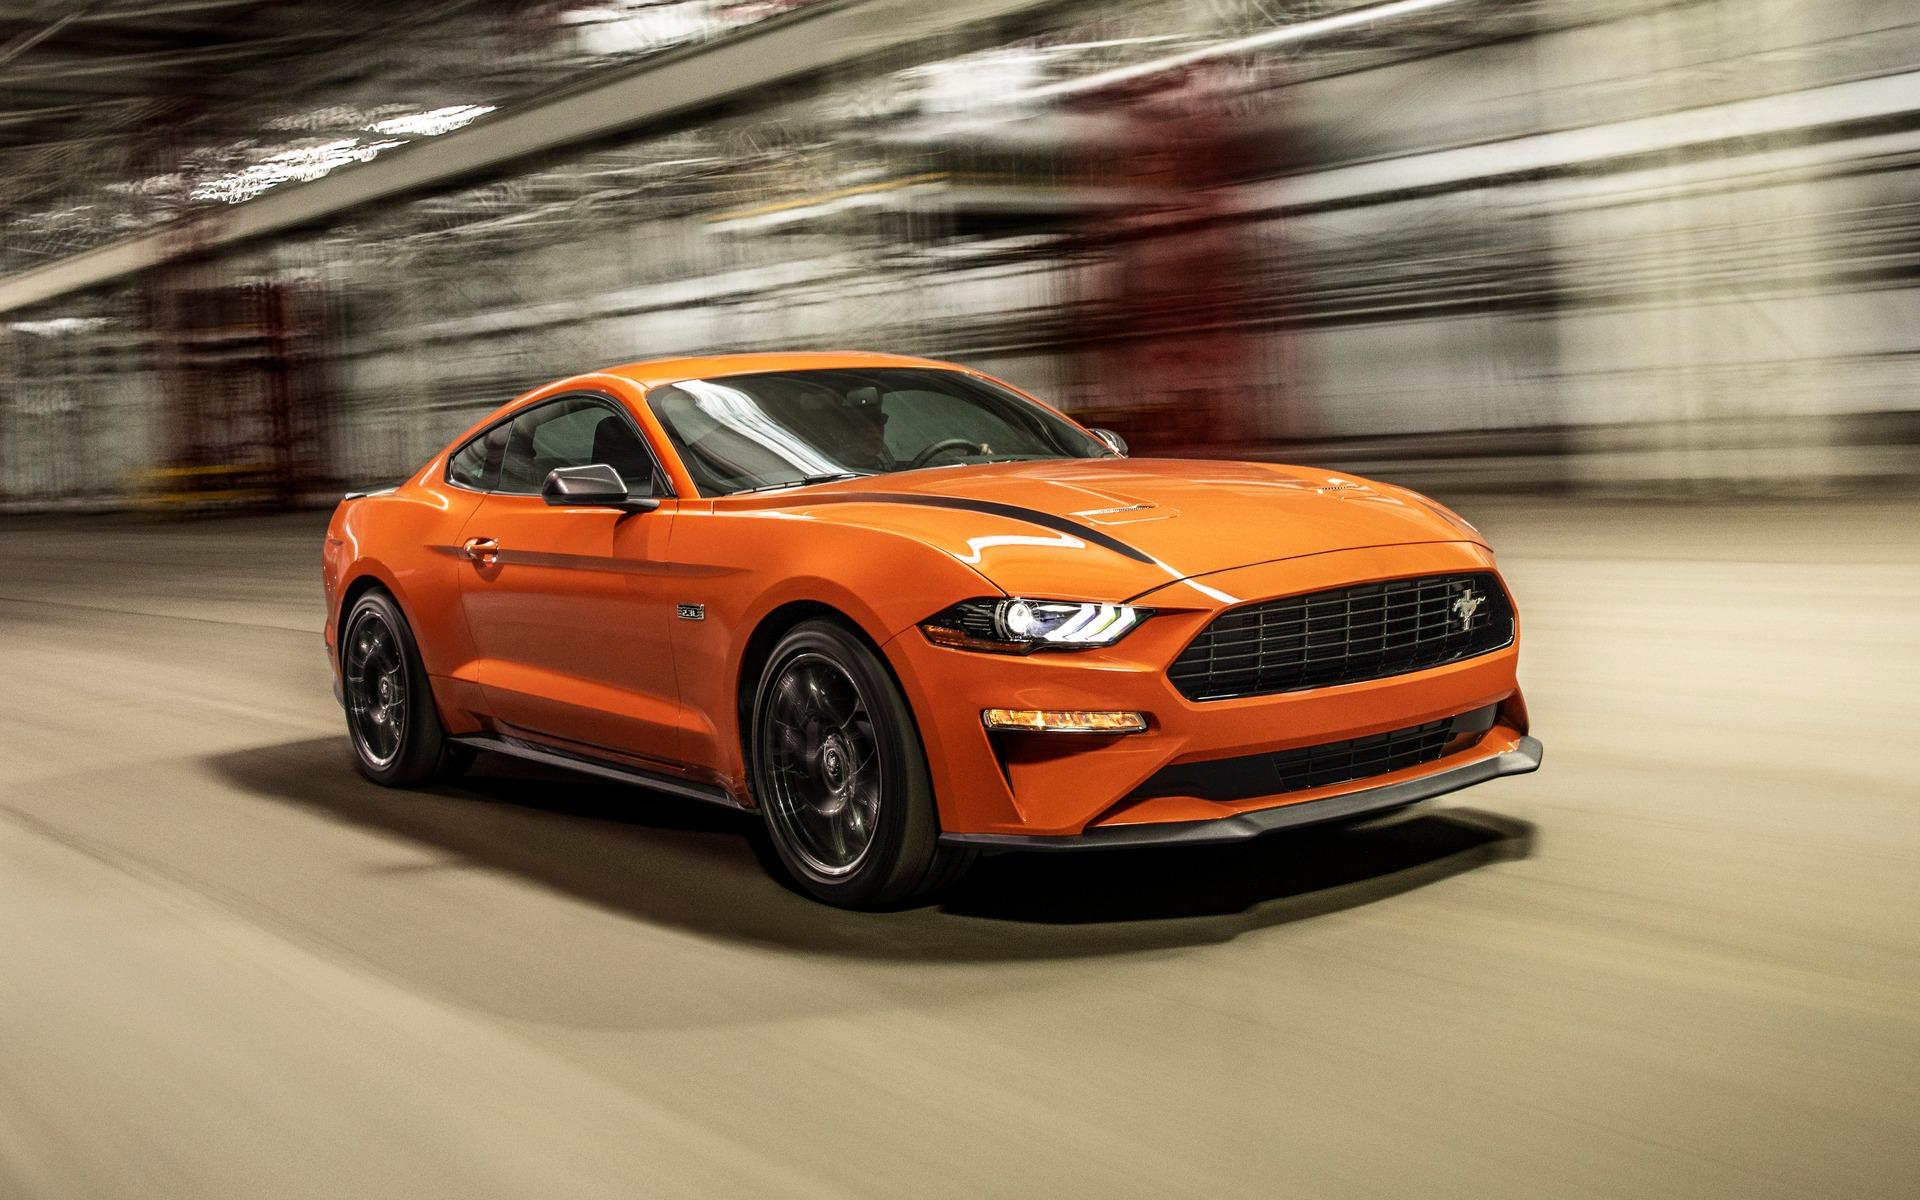 La Ford Mustang 2020 obtient le moteur de la Focus RS 373821_2020_Ford_Mustang